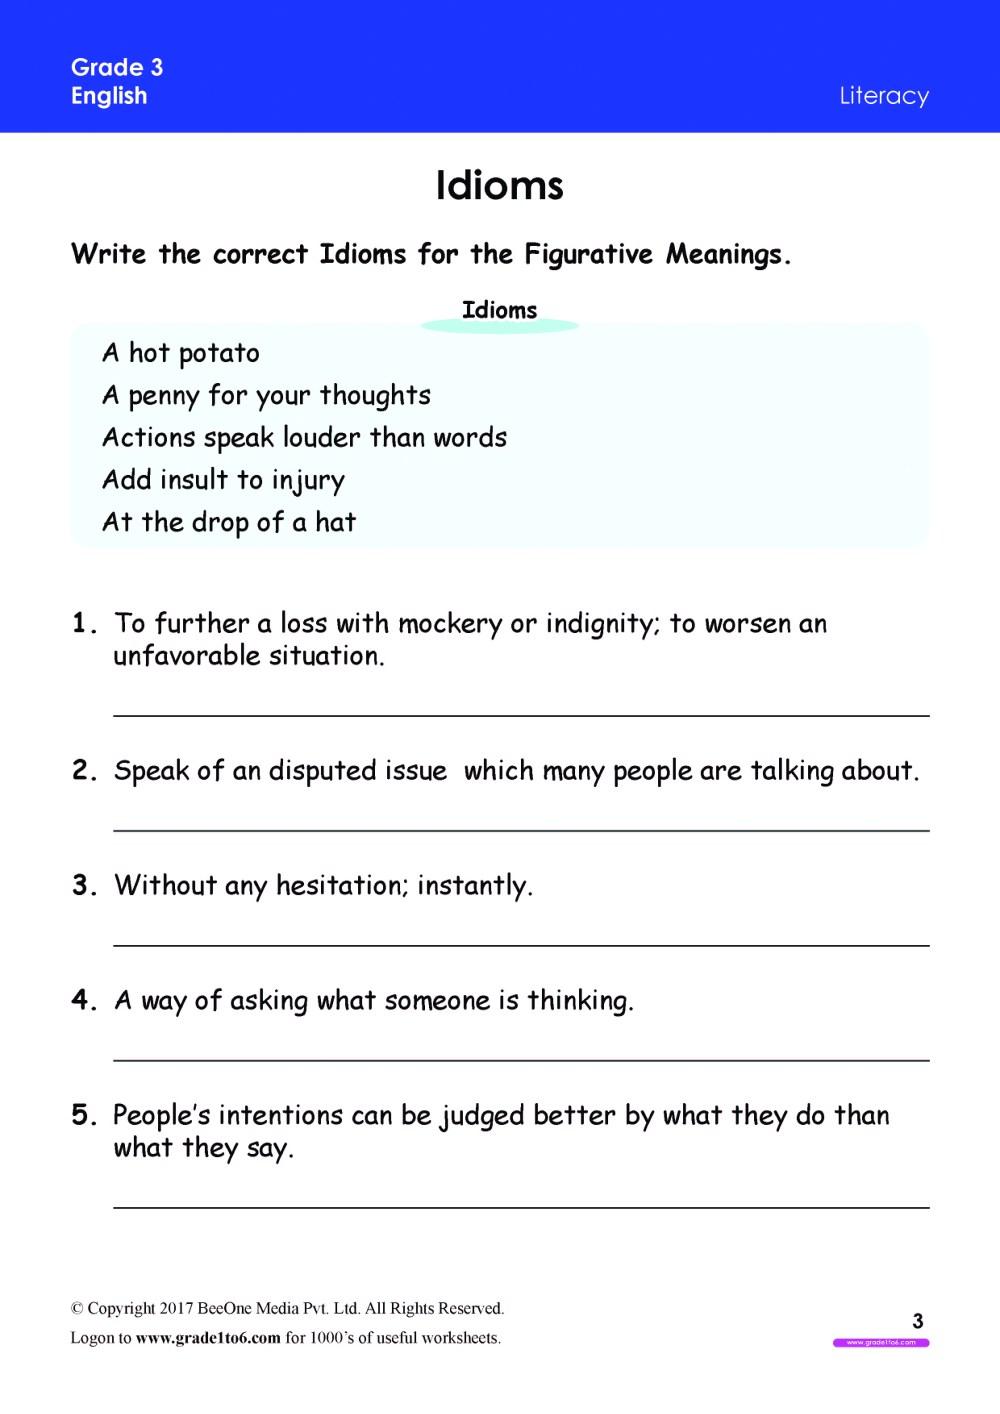 medium resolution of Idioms Worksheet Grade 3 www.grade1to6.com